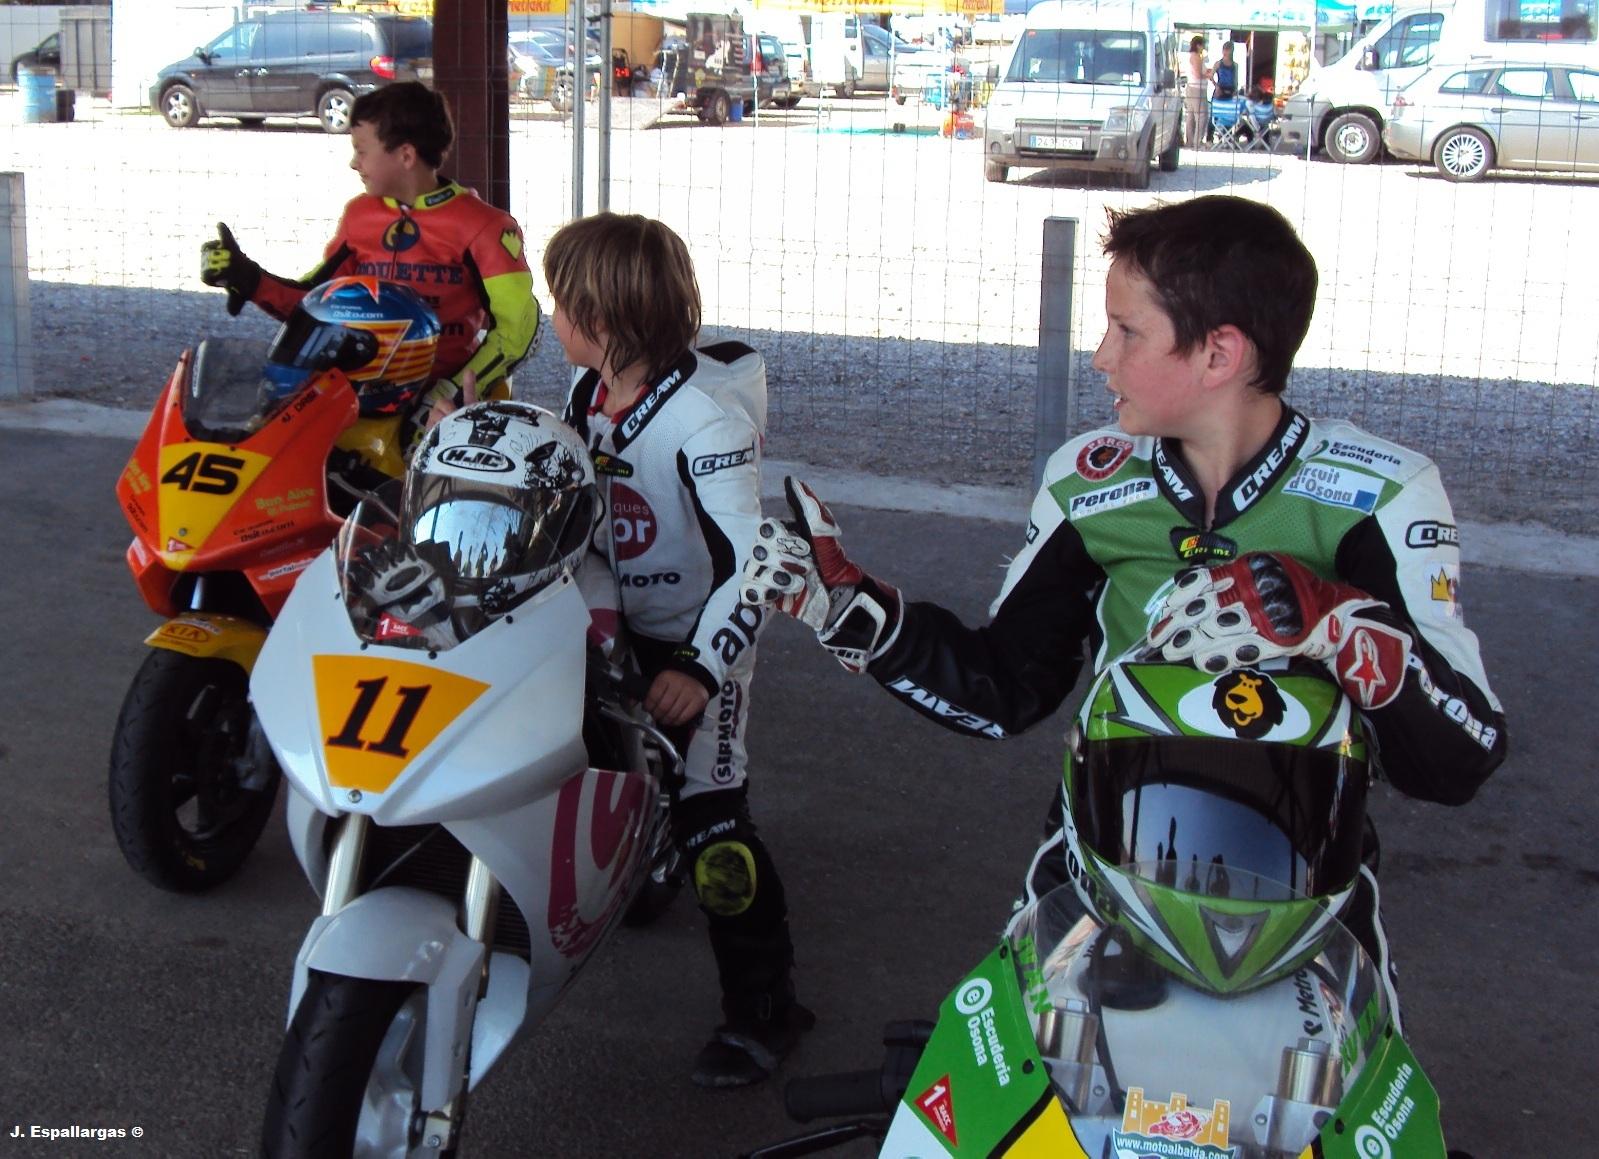 Circuito De Alcarras : Motociclismo racing cat de jordi espallargas